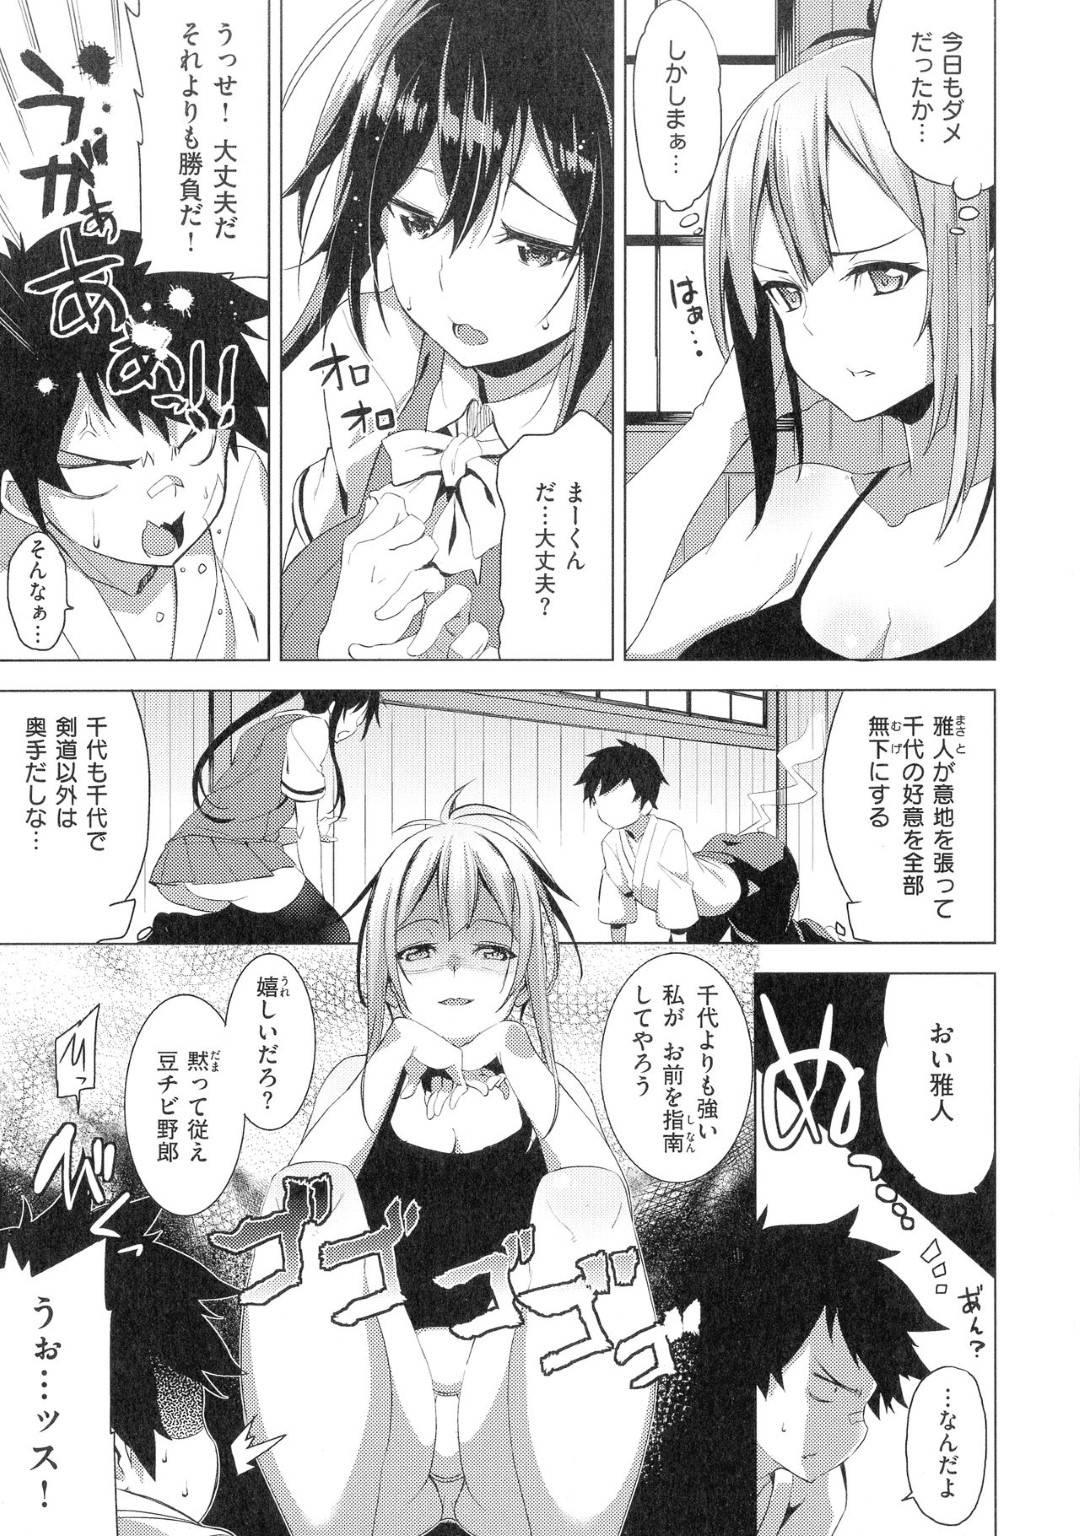 【エロ漫画】惚れた女と勝負して勝ったら告白すると誓った男...いつまでも勝てないから姉貴に目隠し拘束でお仕置きされたら好きな子が中出しセックスさせてくれた【Shingo.:恋しな!】